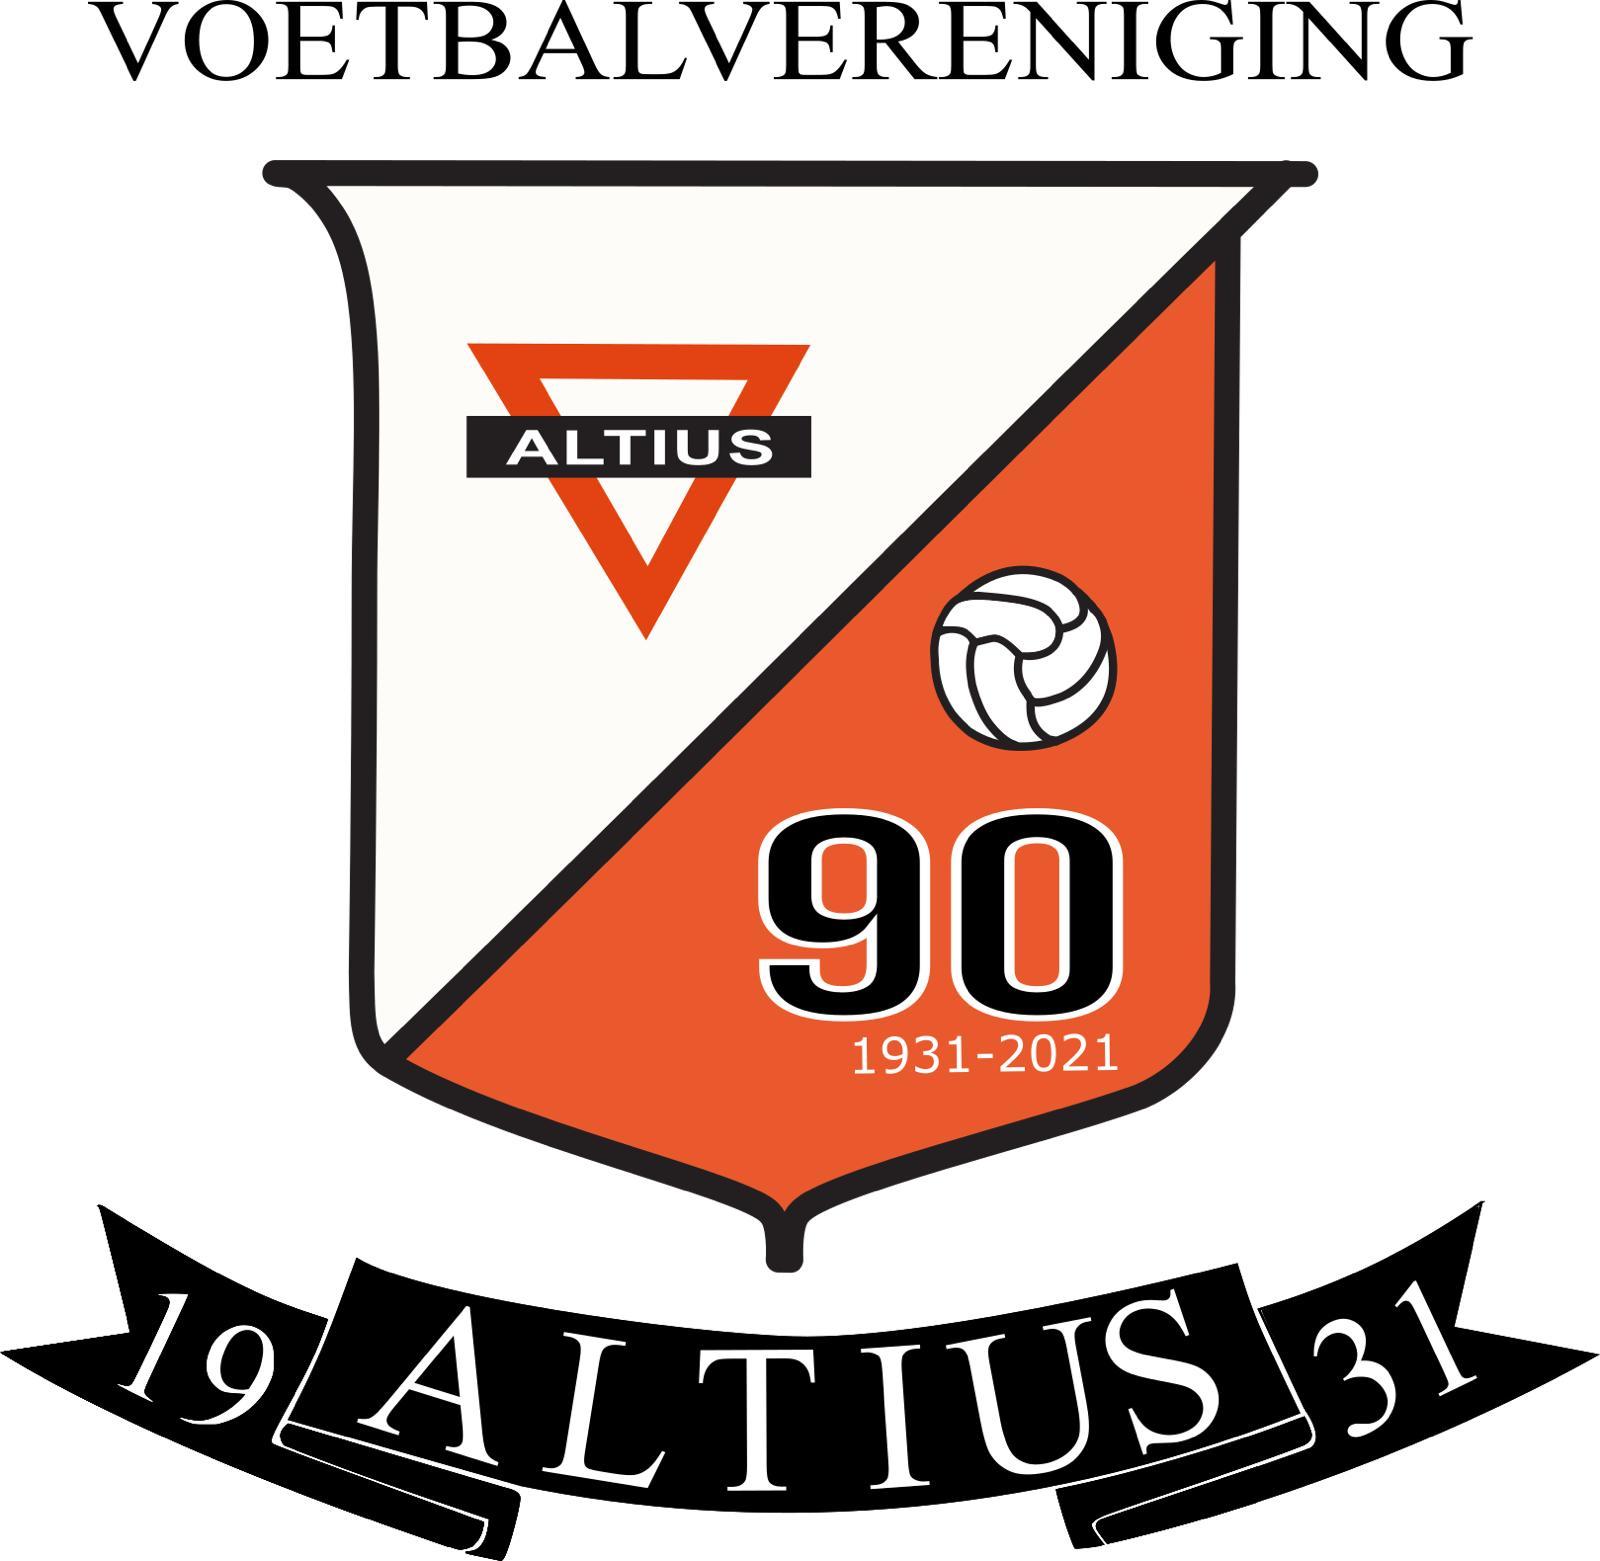 Voorlopig programma zaterdag 25 september 2021 Altius 90 jaar.